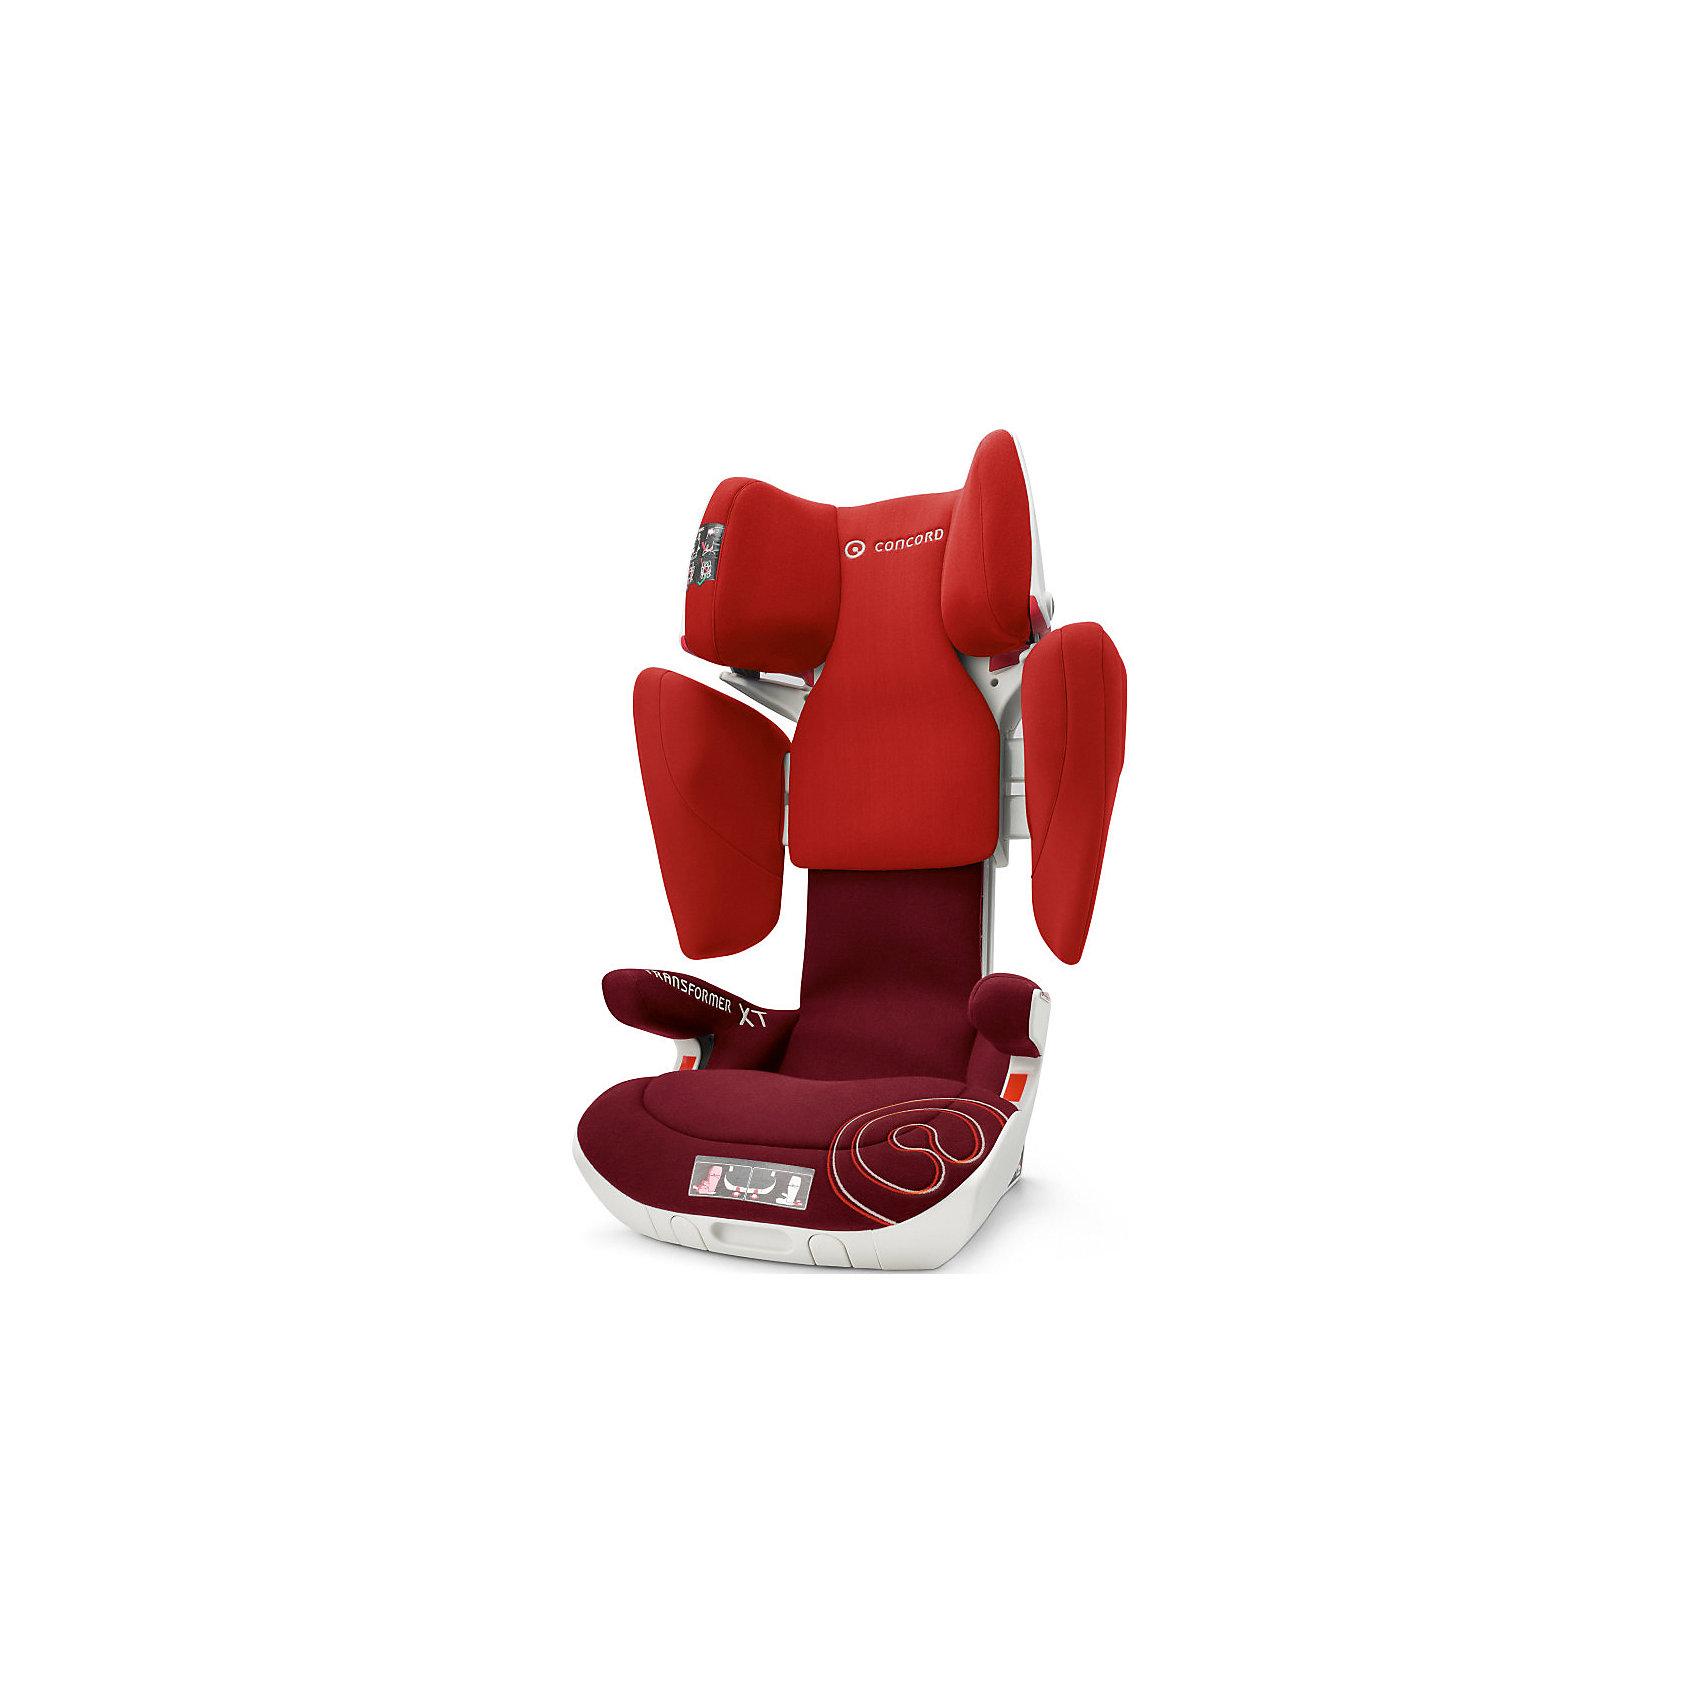 Автокресло Concord Transformer XT, 15-36 кг, Tomato Red 2016Автокресла с креплением Isofix<br>Автокресло Transformer XT, 15-36 кг., Concord, Tomato Red 2016 - современная модель, которая гарантирует максимальную безопасность ребенка.<br>Безопасное, комфортное автомобильное кресло Transformer XT, Concord отличается современным дизайном, прочной подуманной конструкцией и системой регулировок. Компактная форма, объемные боковины, защитный корпус с двойными стенками обеспечивают исключительную безопасность и оптимальную защиту в случае бокового удара. Сидение имеет вспененный наполнитель, адаптирующийся по форме тела. За счёт использования пневмо-механизма увеличить высоту подголовника и расширить боковины можно нажатием на одну кнопку. Пневморегулировка дополнительного наклона позволяет плавно перевести кресло в положение отдыха. Кресло крепиться к скобам isofix, ребёнок пристегивается ремнем безопасности автомобиля. Красные направляющие позволят правильно расположить ремни. Направляющие автомобильного ремня в подголовнике пропускают ремень только в одну сторону, исключая его самопроизвольное выпадение. В автокреслах Transformer XT, Concord использована концепция TRIZONE, за счет которой сочетаются разные типы тканей обивки. В нижней части кресла используются износостойкие материалы, в средней части используются материалы большой пропускной способности, для обеспечения хорошей вентиляции, в местах соприкосновения с кожей ребенка используется мягкая и деликатная ткань. Обивка из высококачественных материалов, легко снимается и стирается в режиме деликатной стирки при температуре 30 градусах..<br><br>Дополнительная информация:<br><br>- Группа 2-3 от 3 до 12 лет (15-36 кг)<br>- Размер в минимальной позиции: 46 х 49 х 62 см.<br>- Размер в максимальной позиции: 46 х 55 х 82 см.<br>- Вес: 7,7 кг.<br>- Направление установки: по ходу движения автомобиля<br>- Соответствует стандарту ECE R 44/04<br>- В независимых краш-тестах ADAC (Германия), ?AMTC (Австрия), Stiftung Warentest 